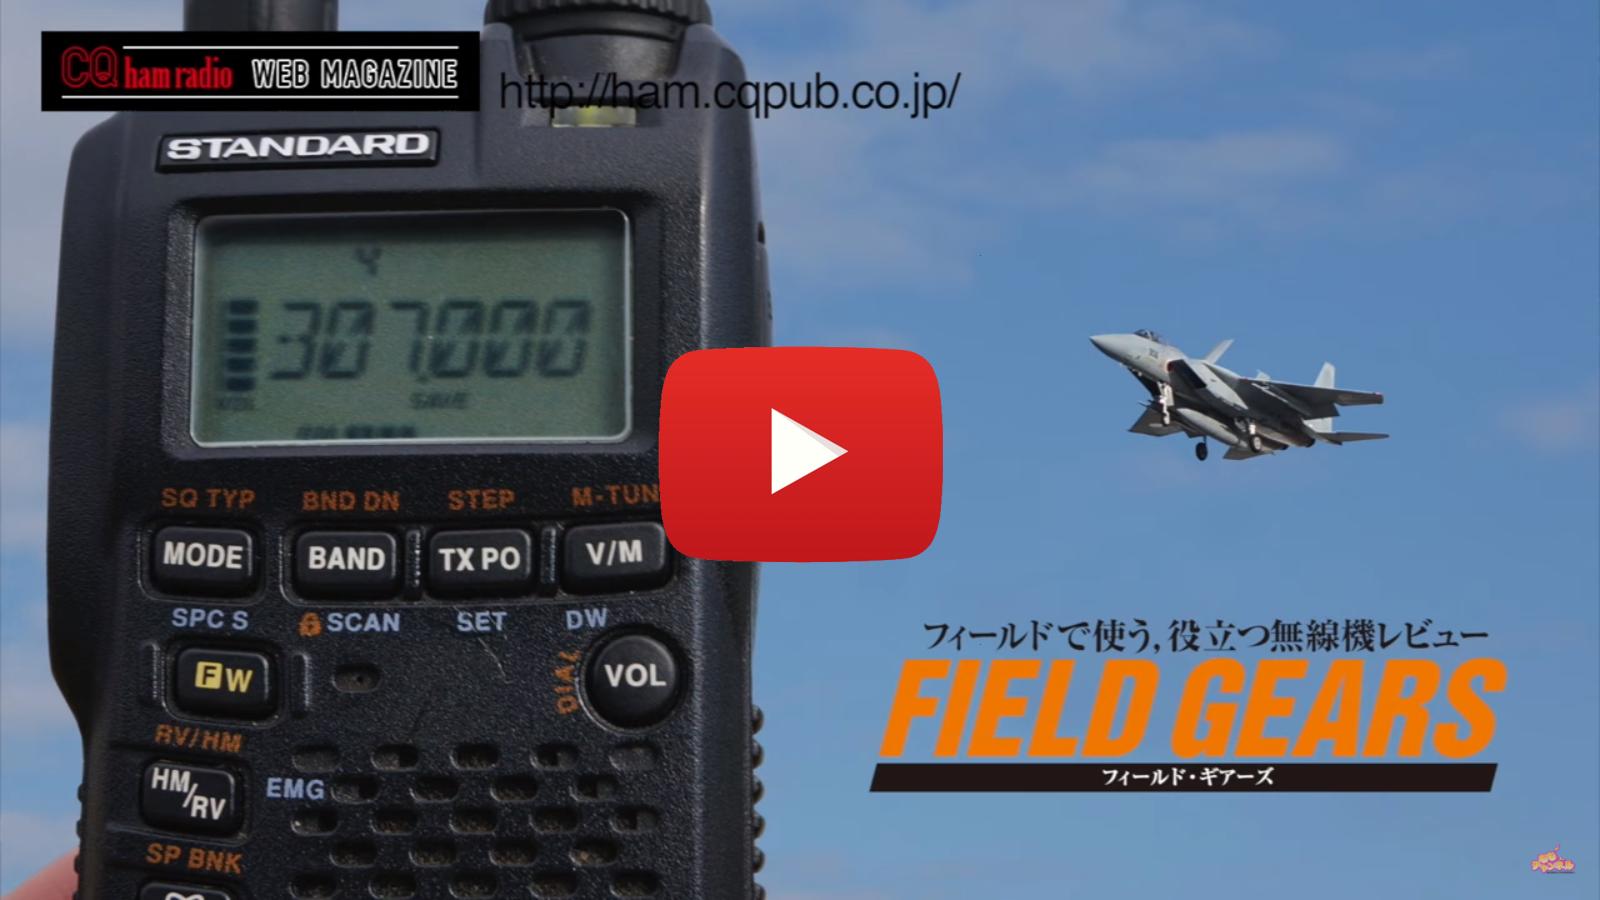 ミリタリーエアバンド UHF AMの聞けるコンパクトハンディ 八重洲無線 VX-3 【FIELD GEARS 連動動画】